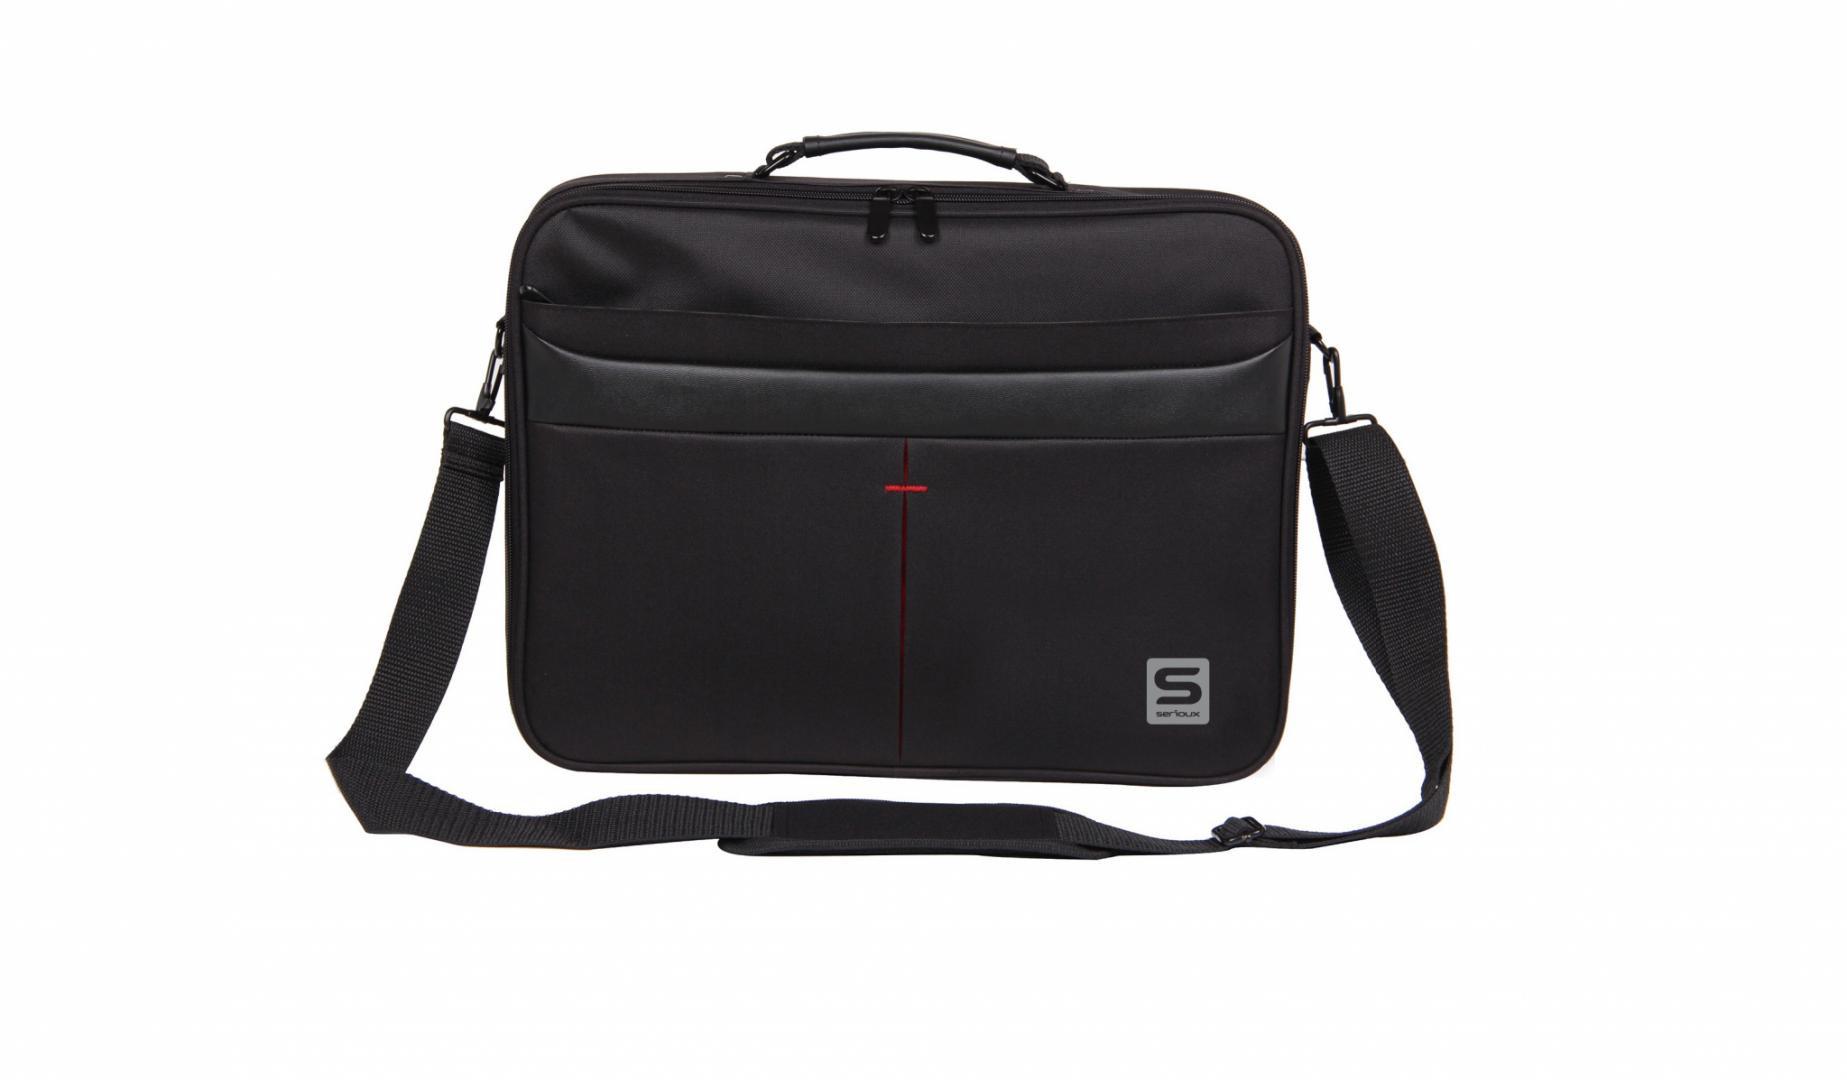 """Geanta notebook Serioux, SRX-8444, dimensiuni 40 x 30 x 6 cm, compartiment laptop: max 15.6"""", bretea spate pentru prindere troller, curea de umar ajustabila, material poliester - imaginea 1"""